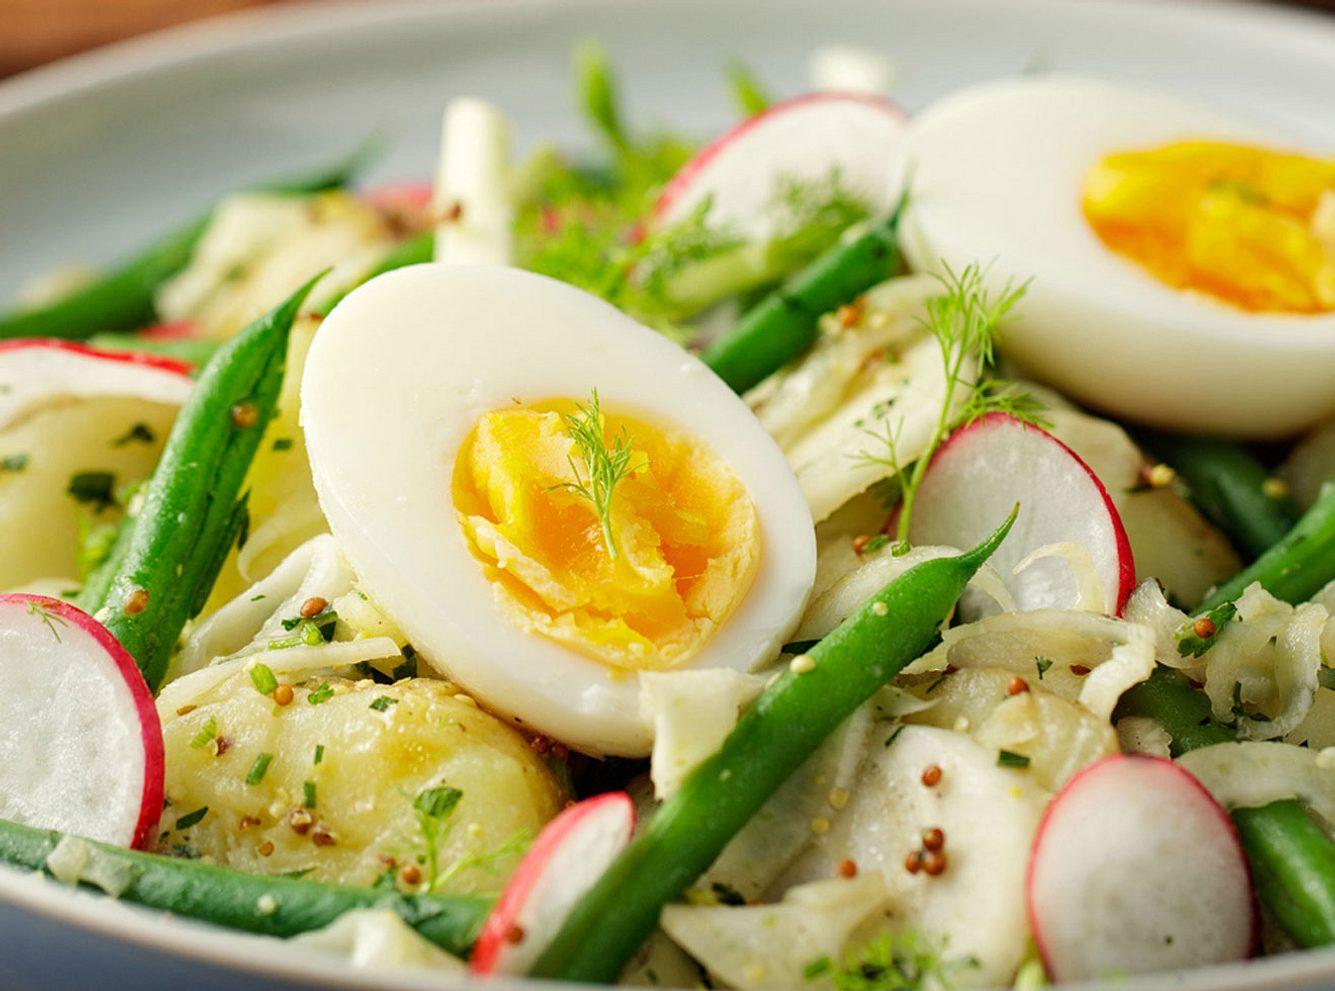 Gekochte Eier mit gekochten Kartoffeln, dekoriert mit grünen Bohnen und Radieschen.